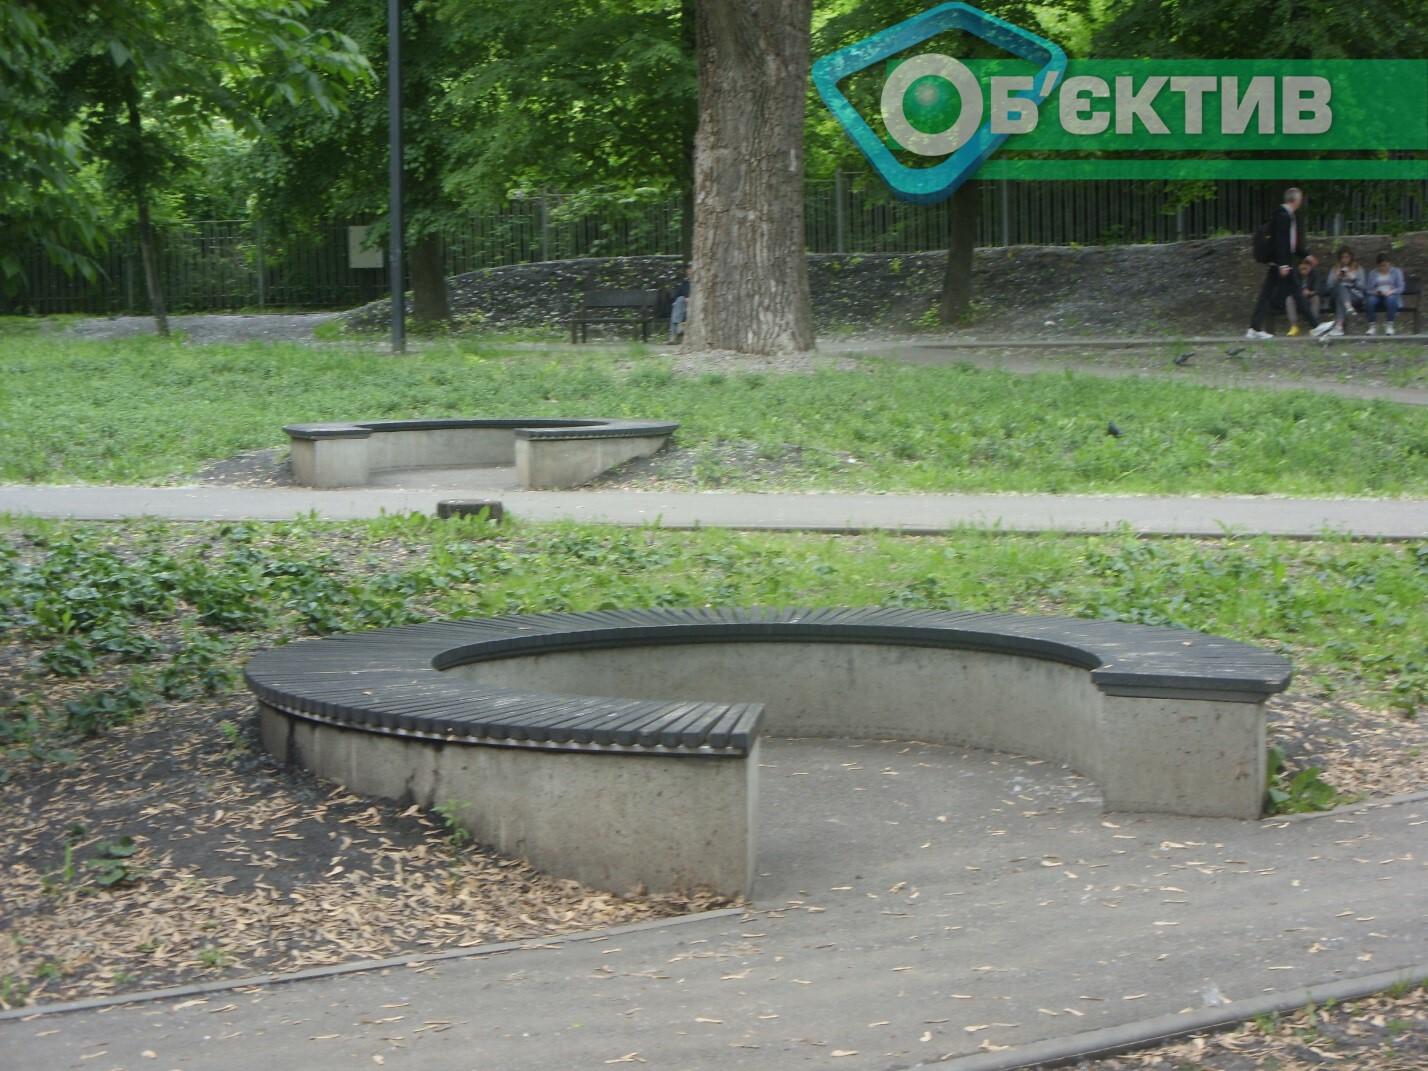 Лавочка в Харькове